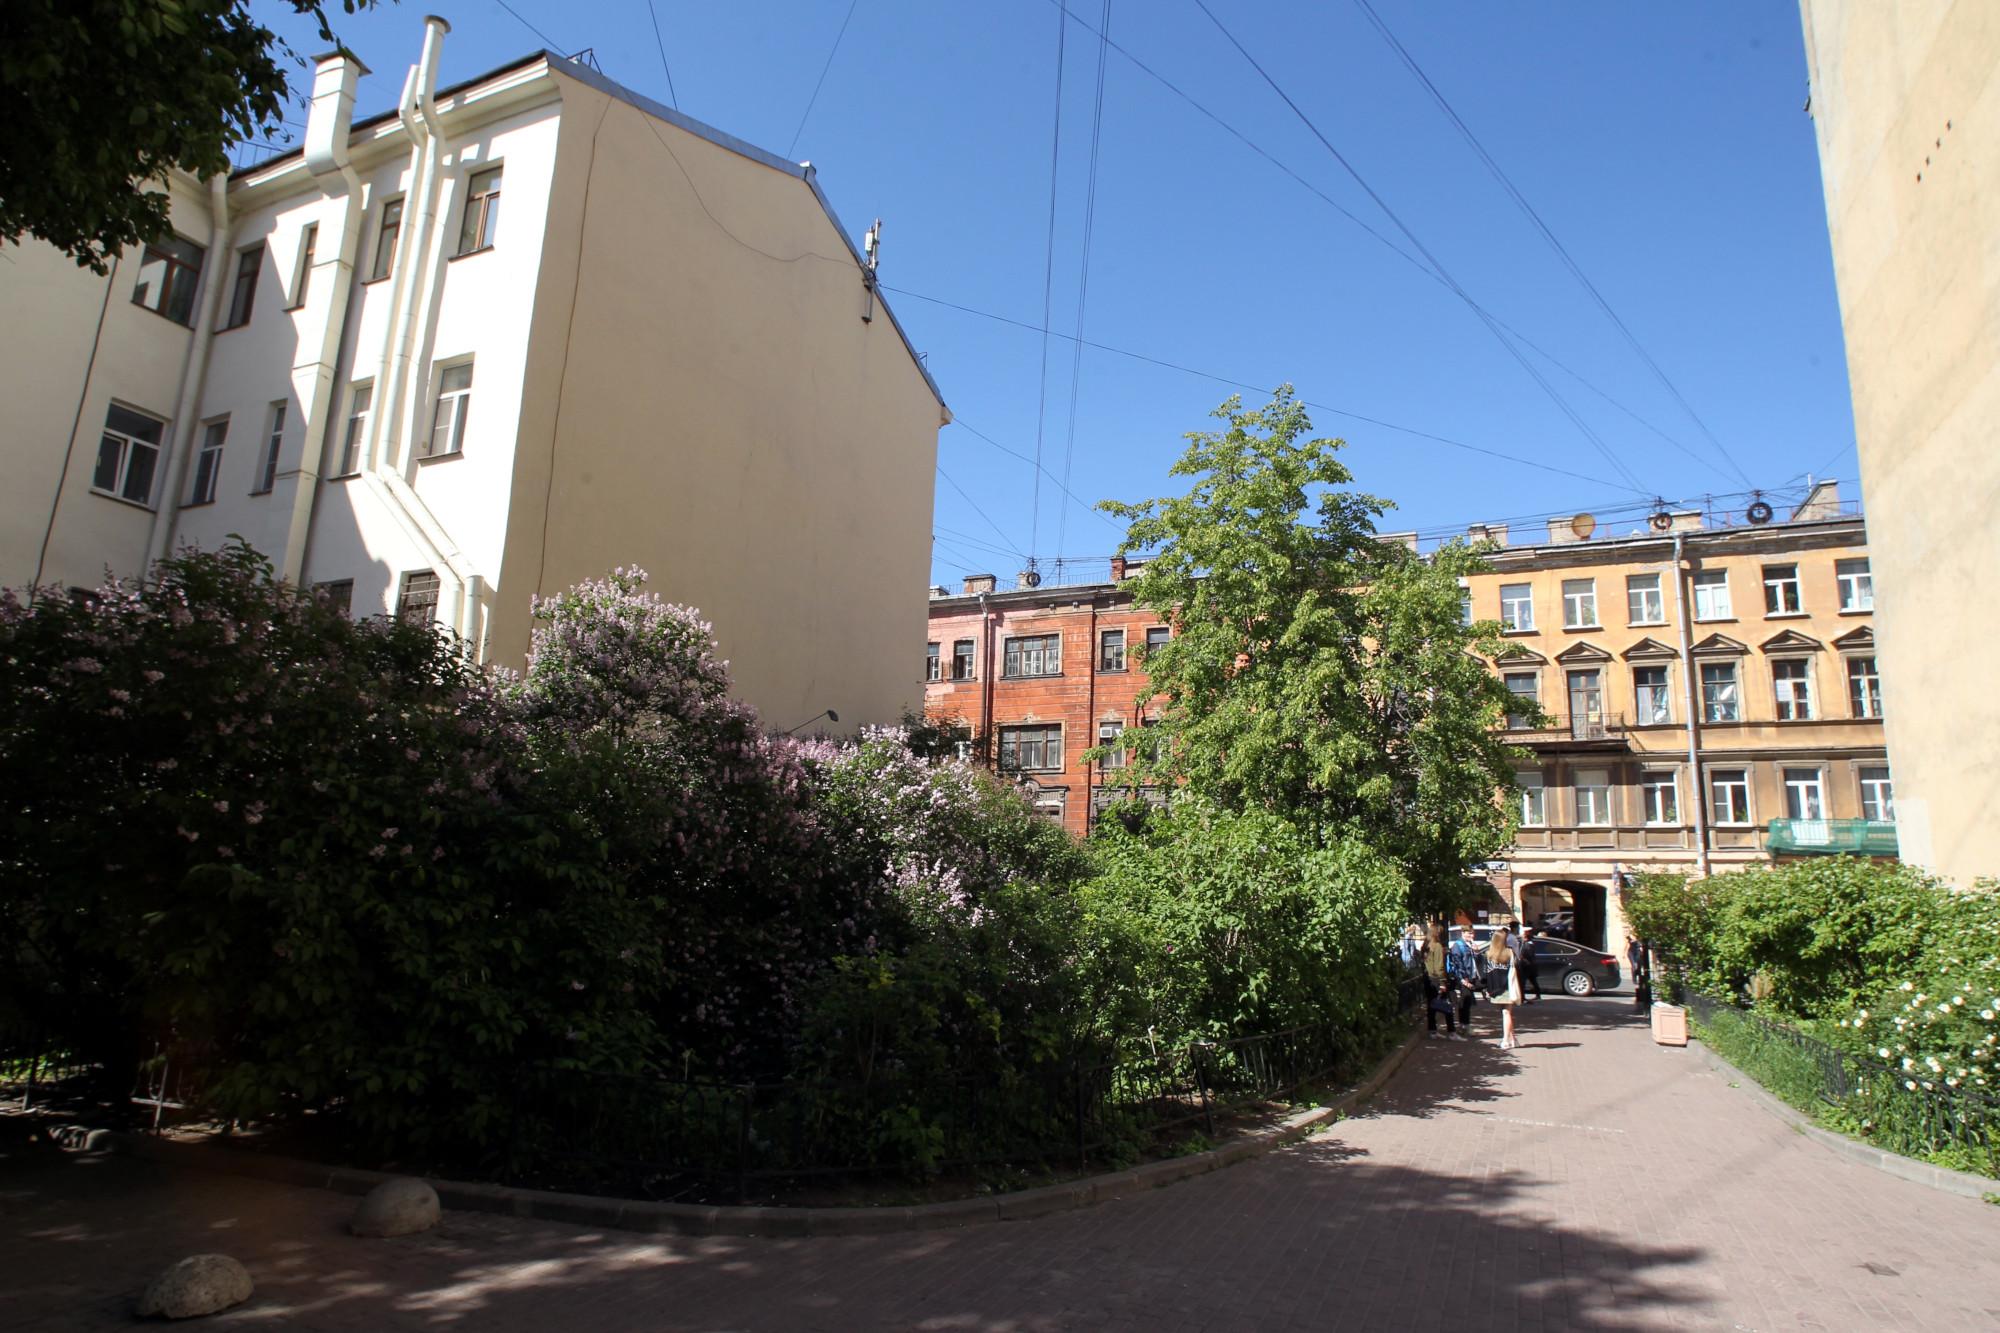 Кузнечный переулок сквер зелёная зона двор